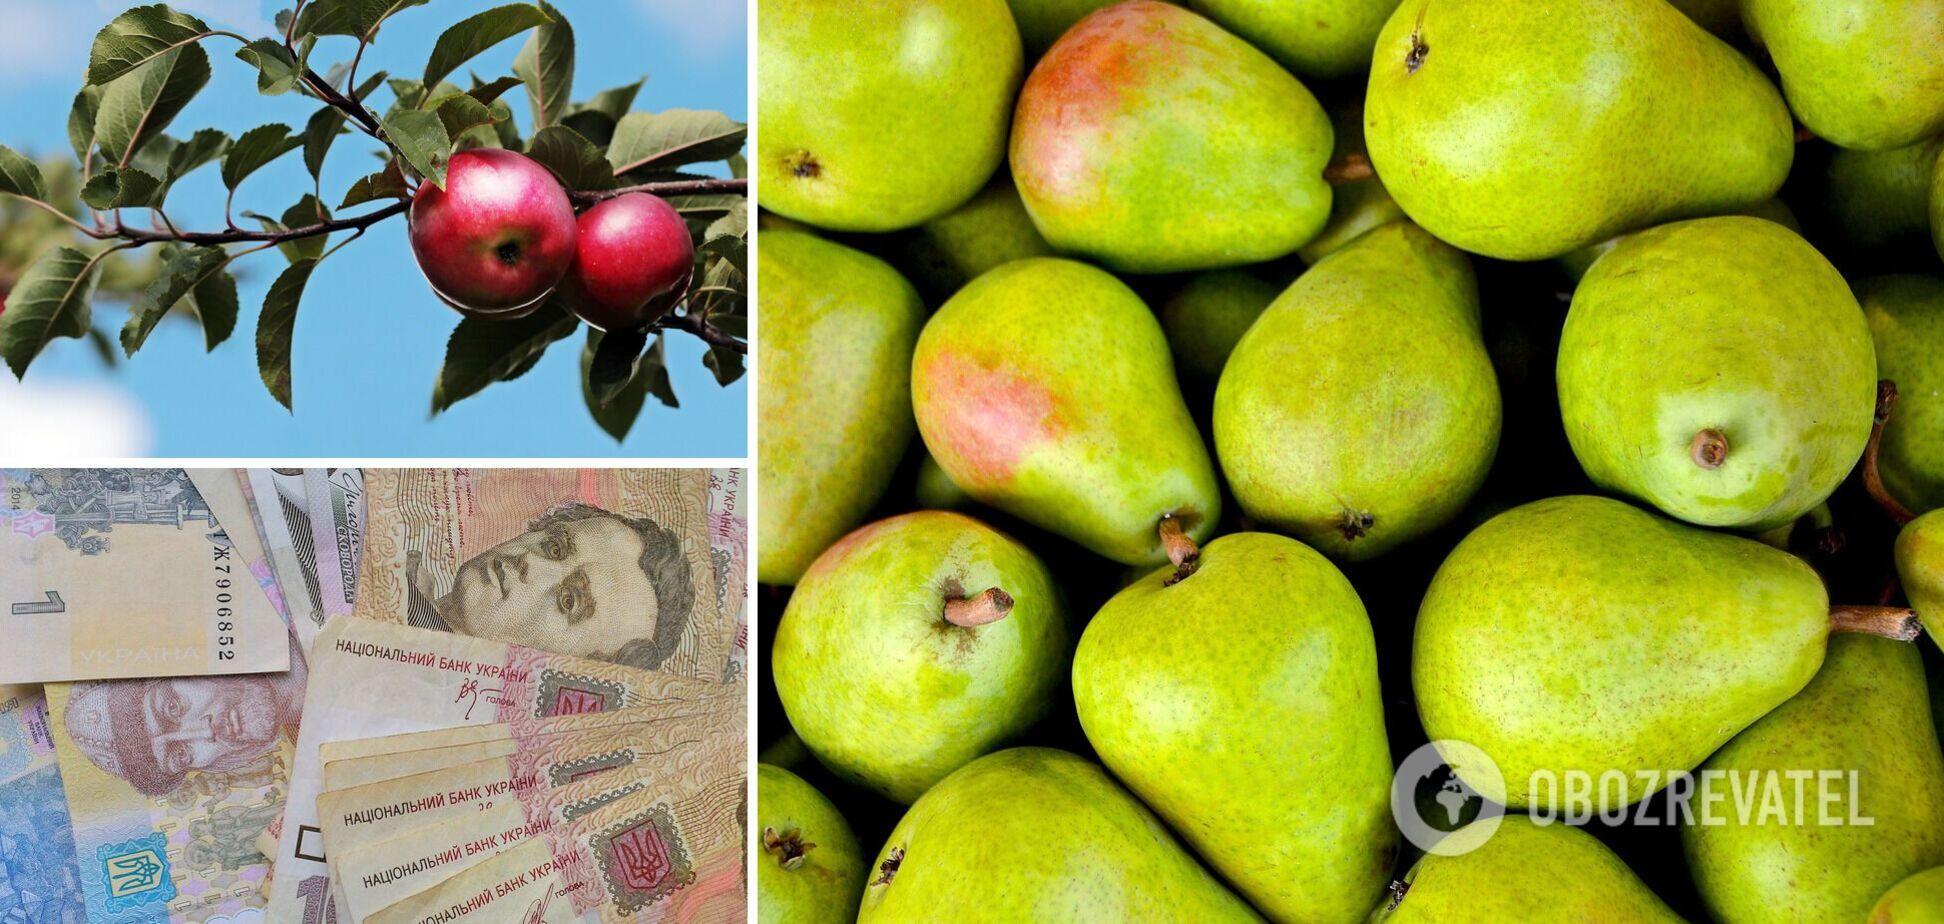 Цены на ягоды и яблоки в Украине снизились, груши – дорогие: сколько стоят фрукты